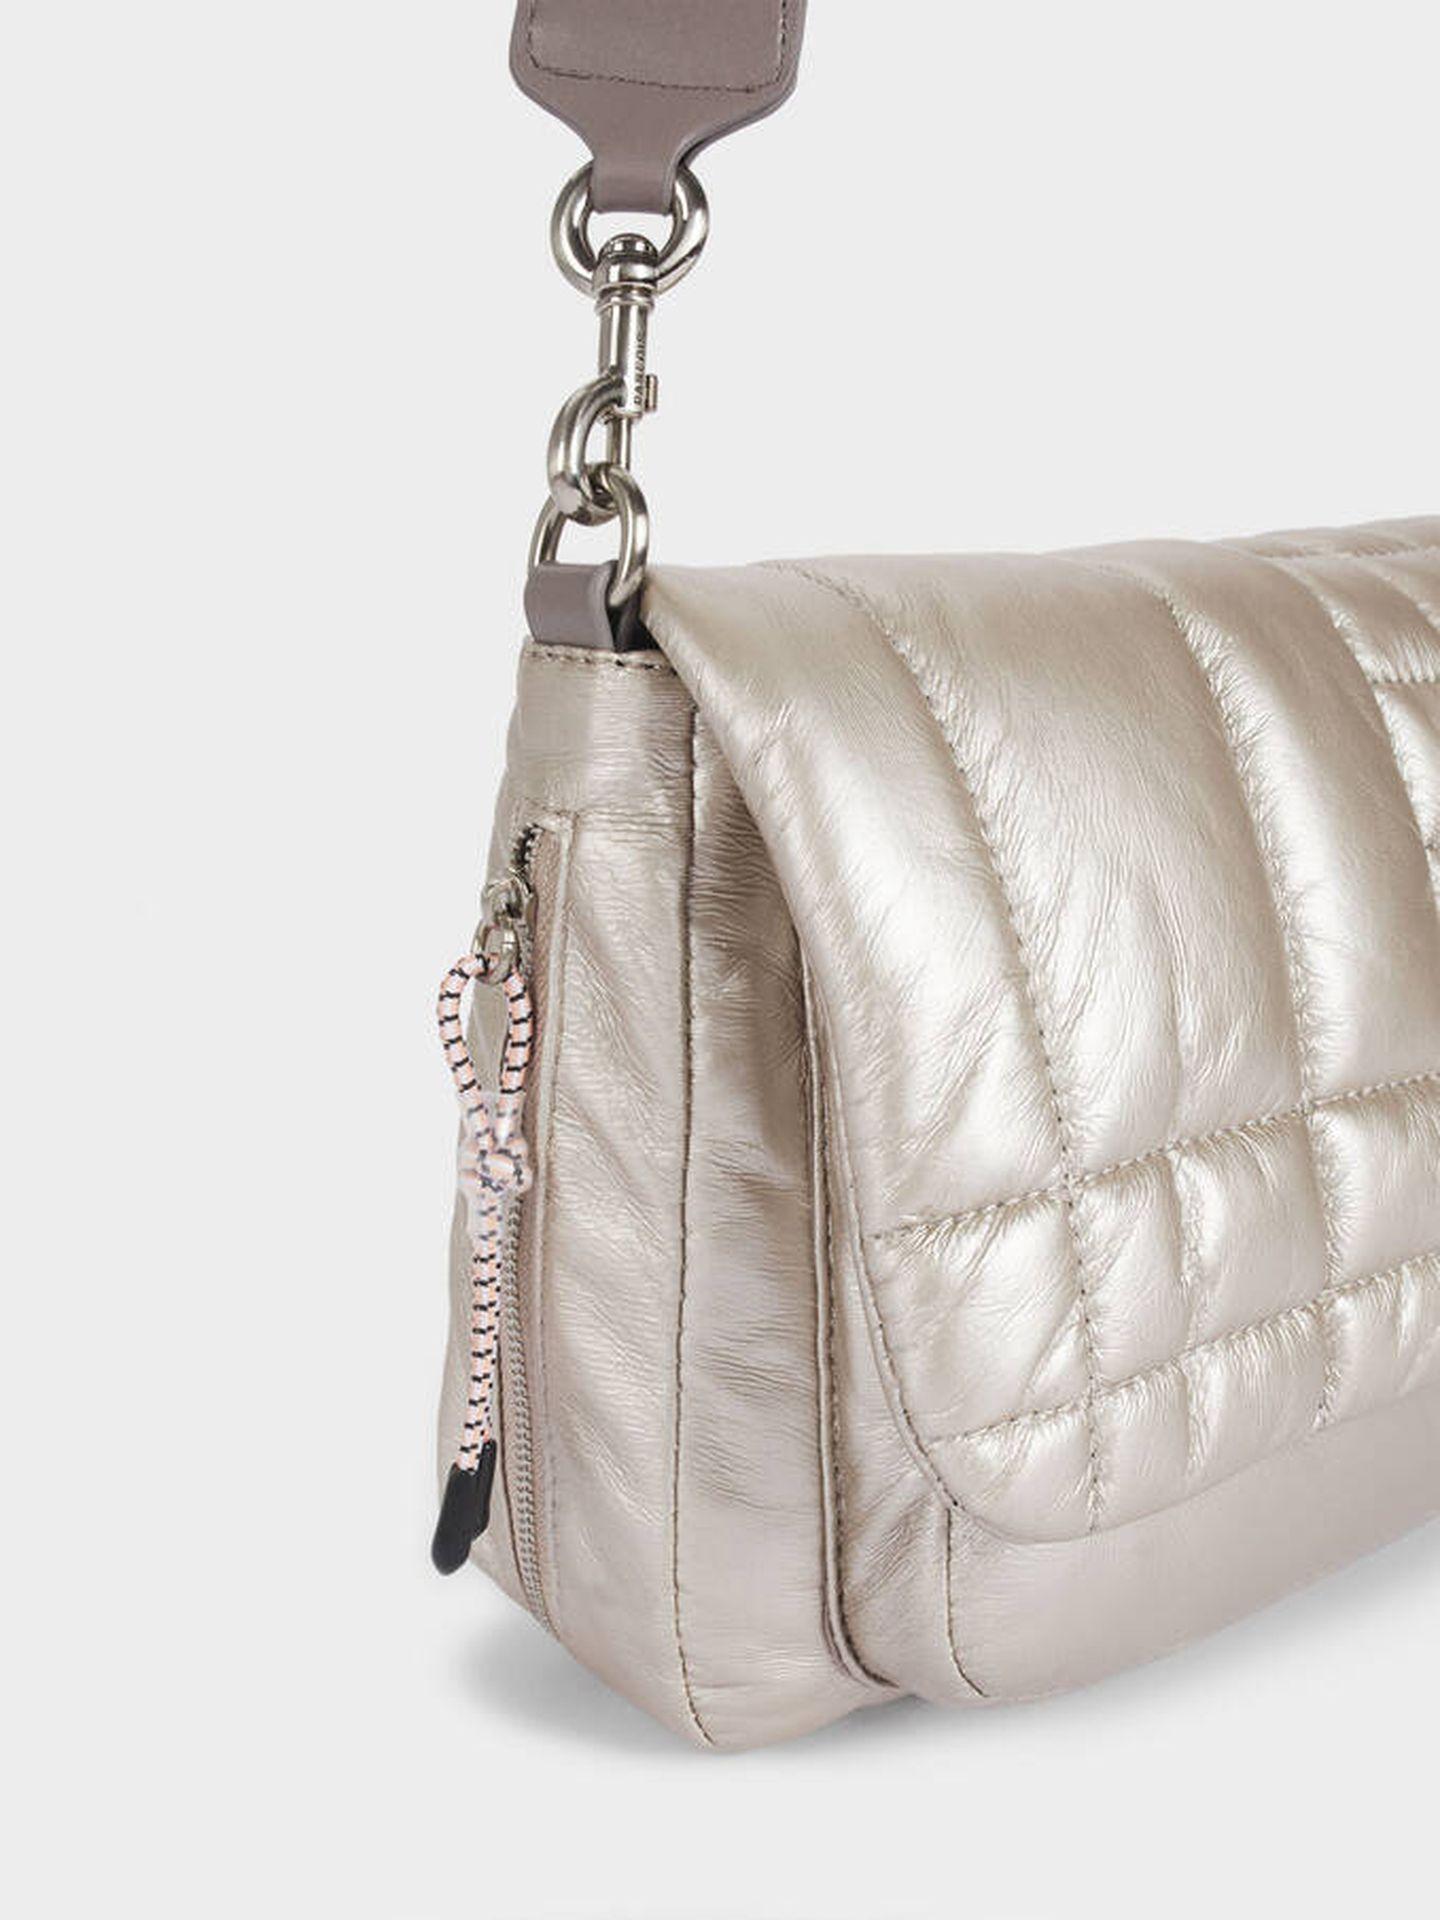 El bolso acolchado de Parfois. (Cortesía)